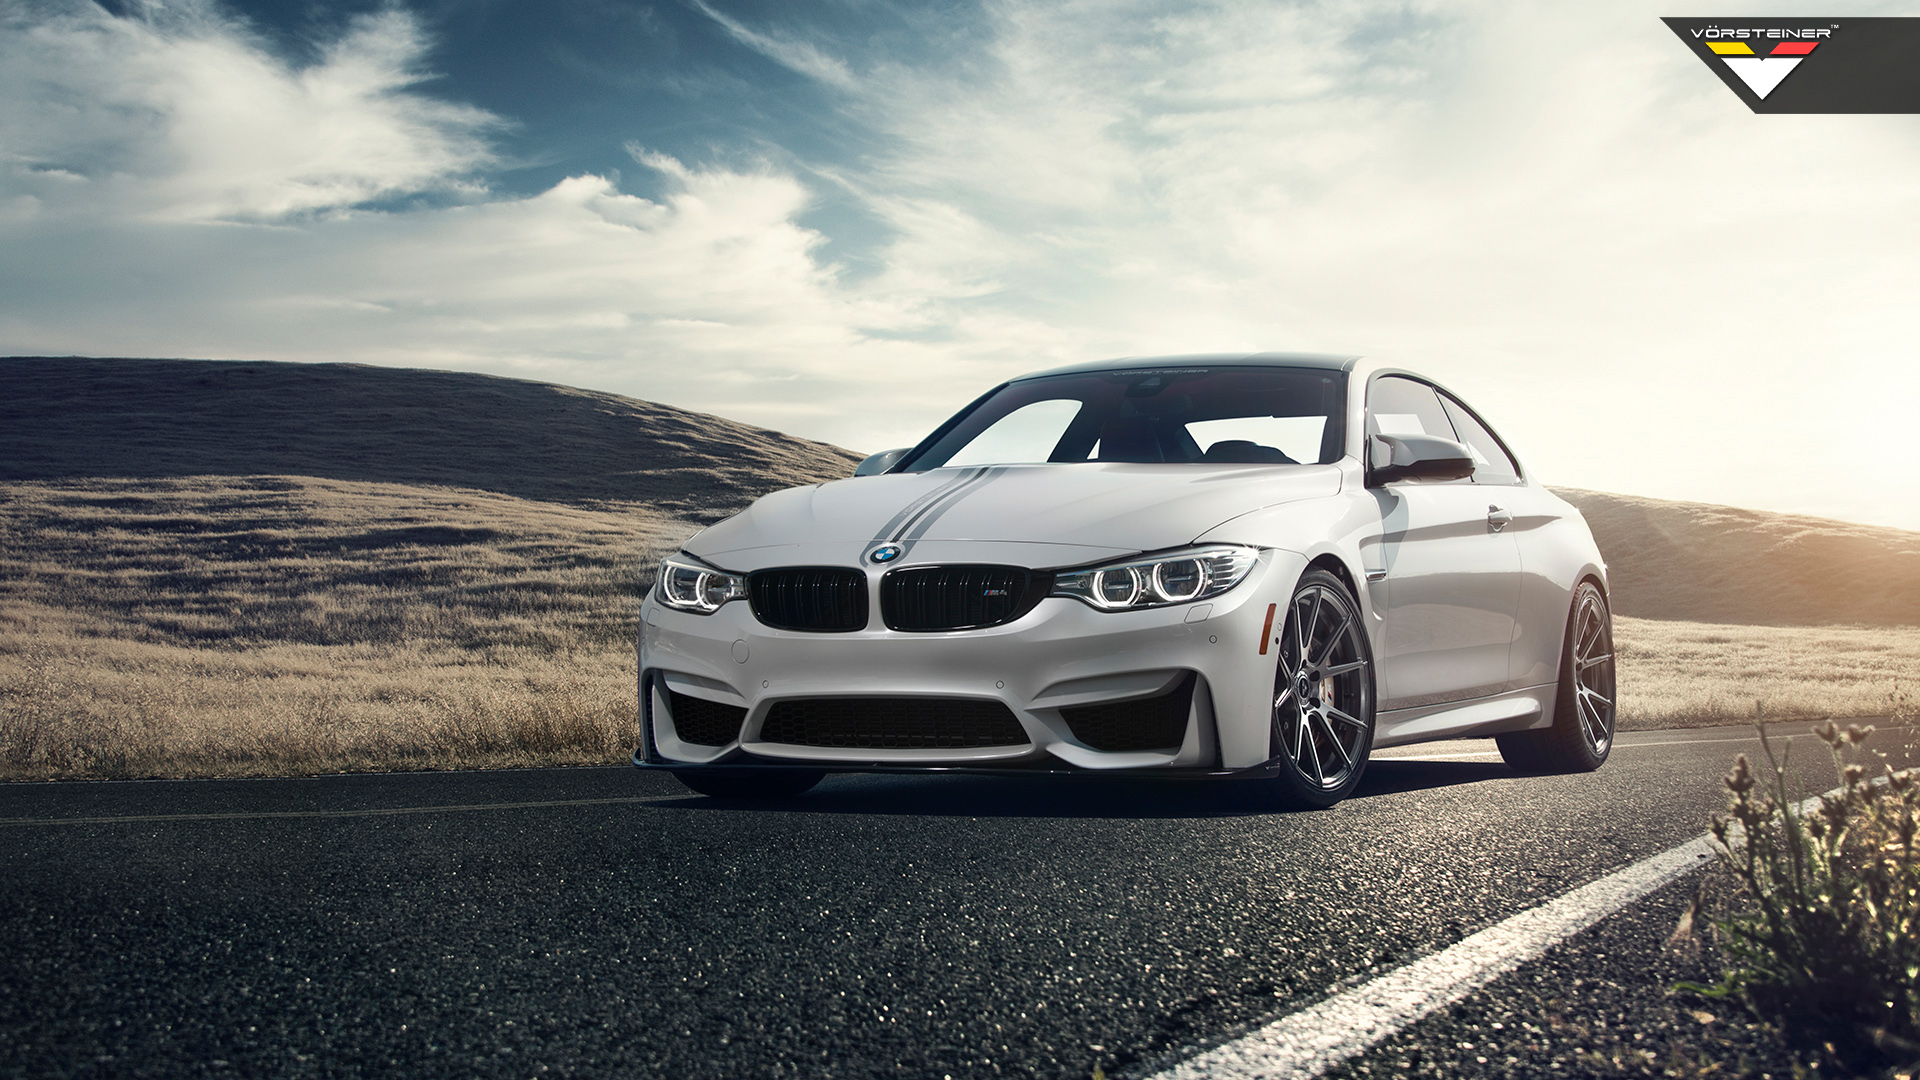 Bmw Hd Wallpapers Background: Vorsteiner BMW F82 M4 Wallpaper